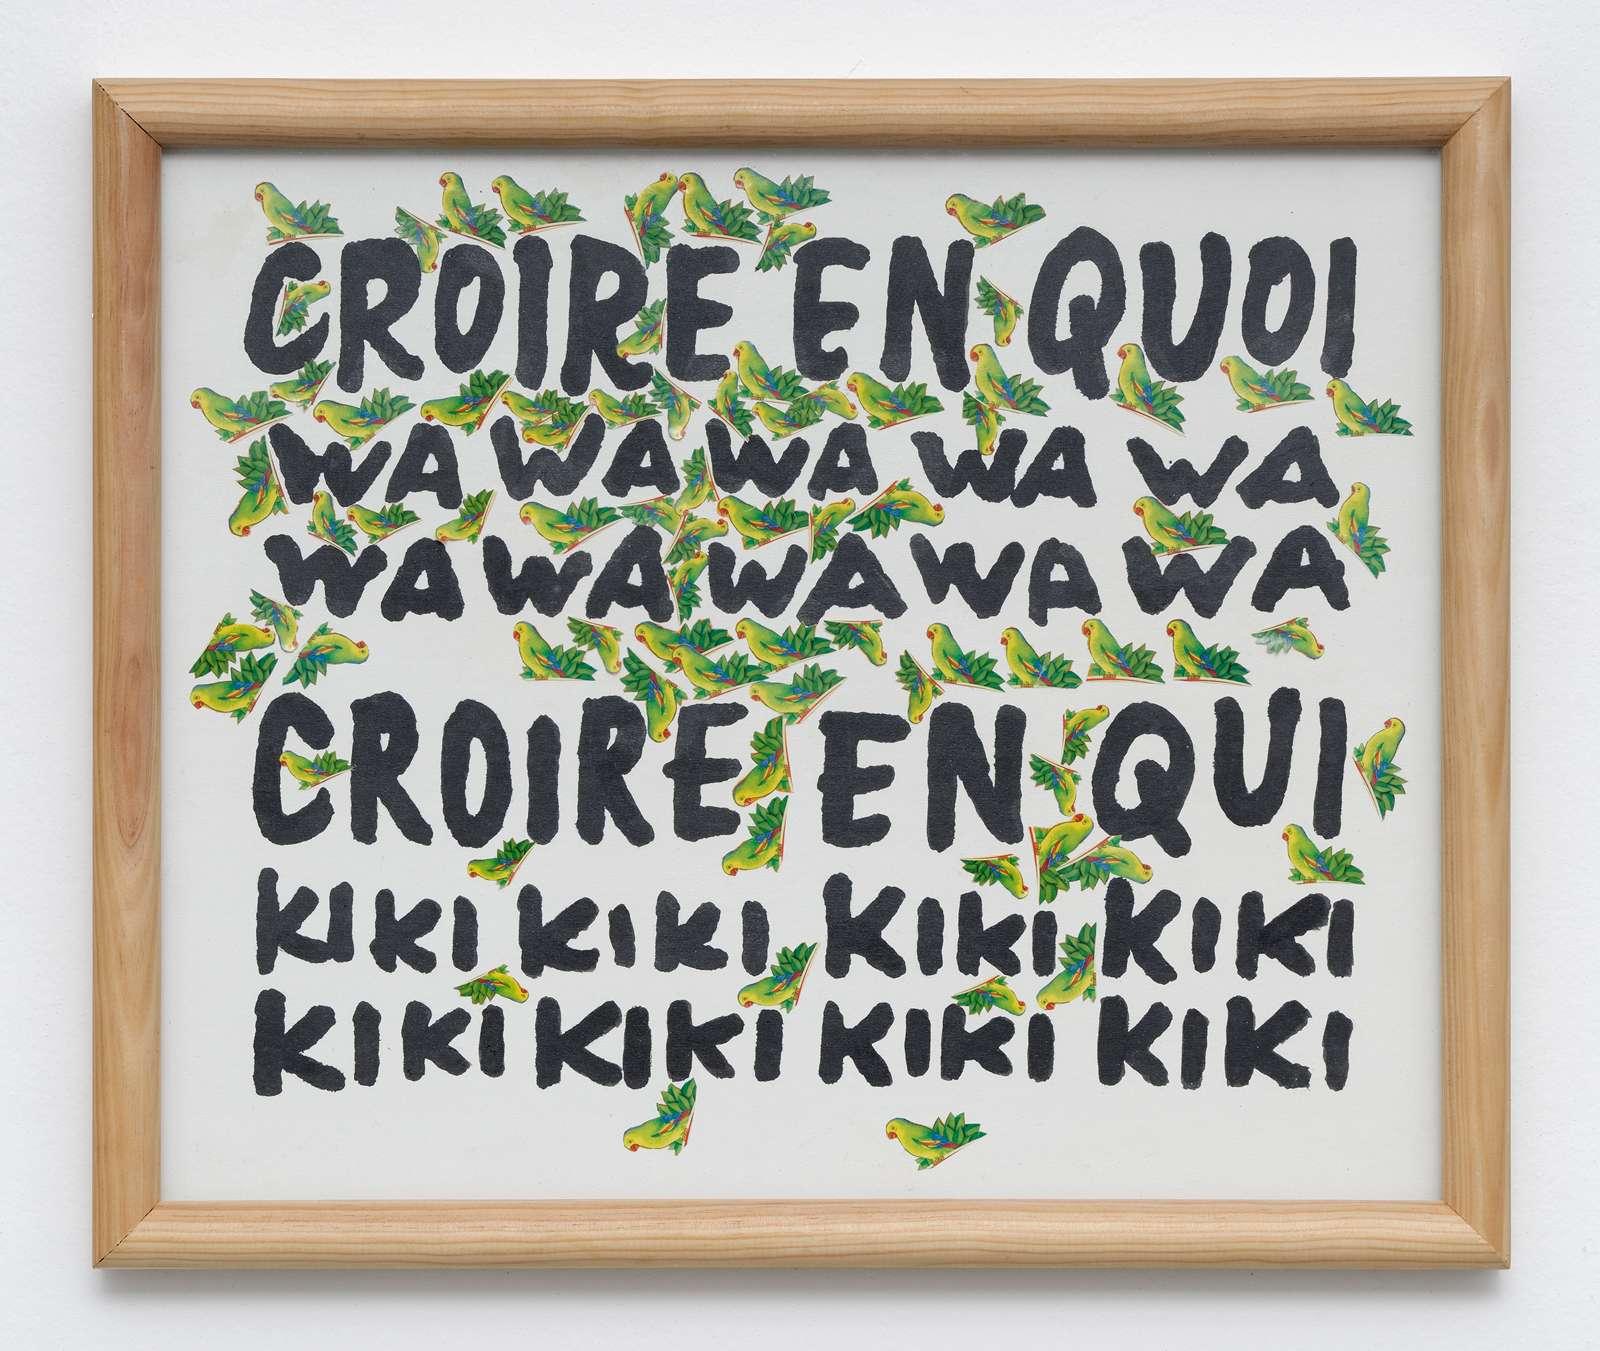 Taroop & Glabel, Croire en quoi, 2009 Collage sur papier47.5 x 56.5 cm / 18 6/8 x 22 2/8 inches